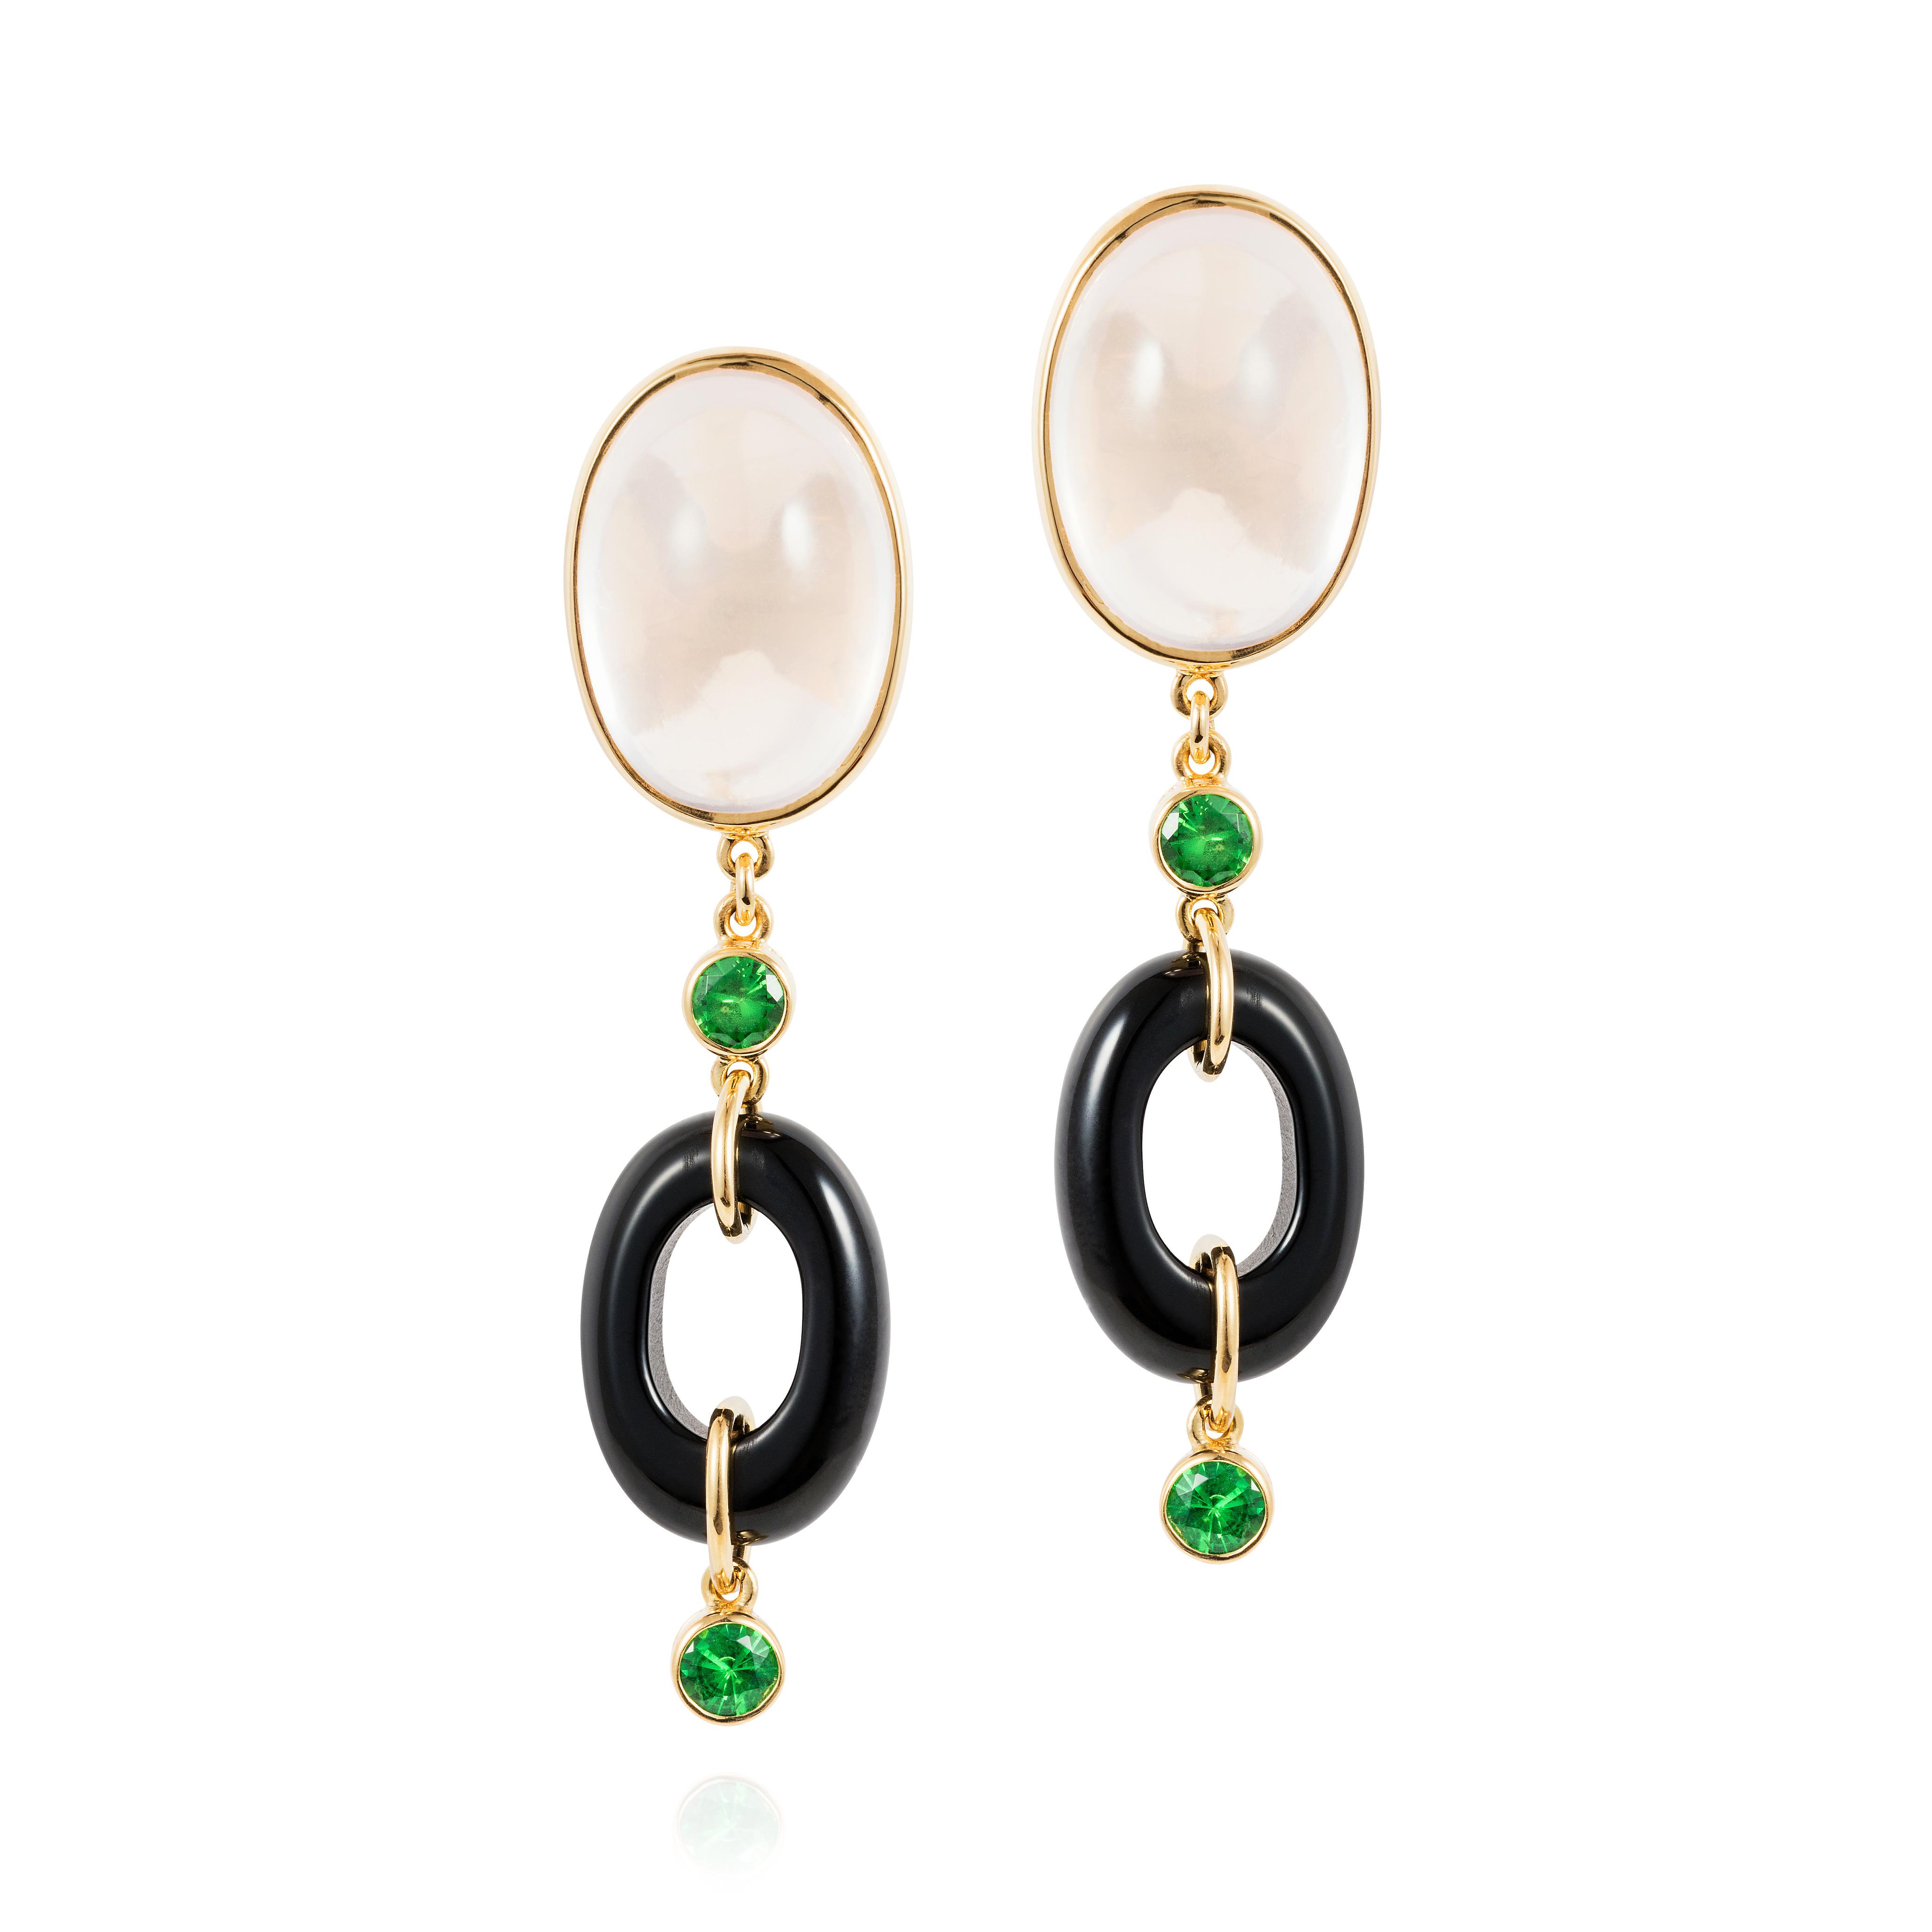 Dolce Vita Earrings – Rose Quartz, Tsavorite Garnet And Onyx 18k Gold